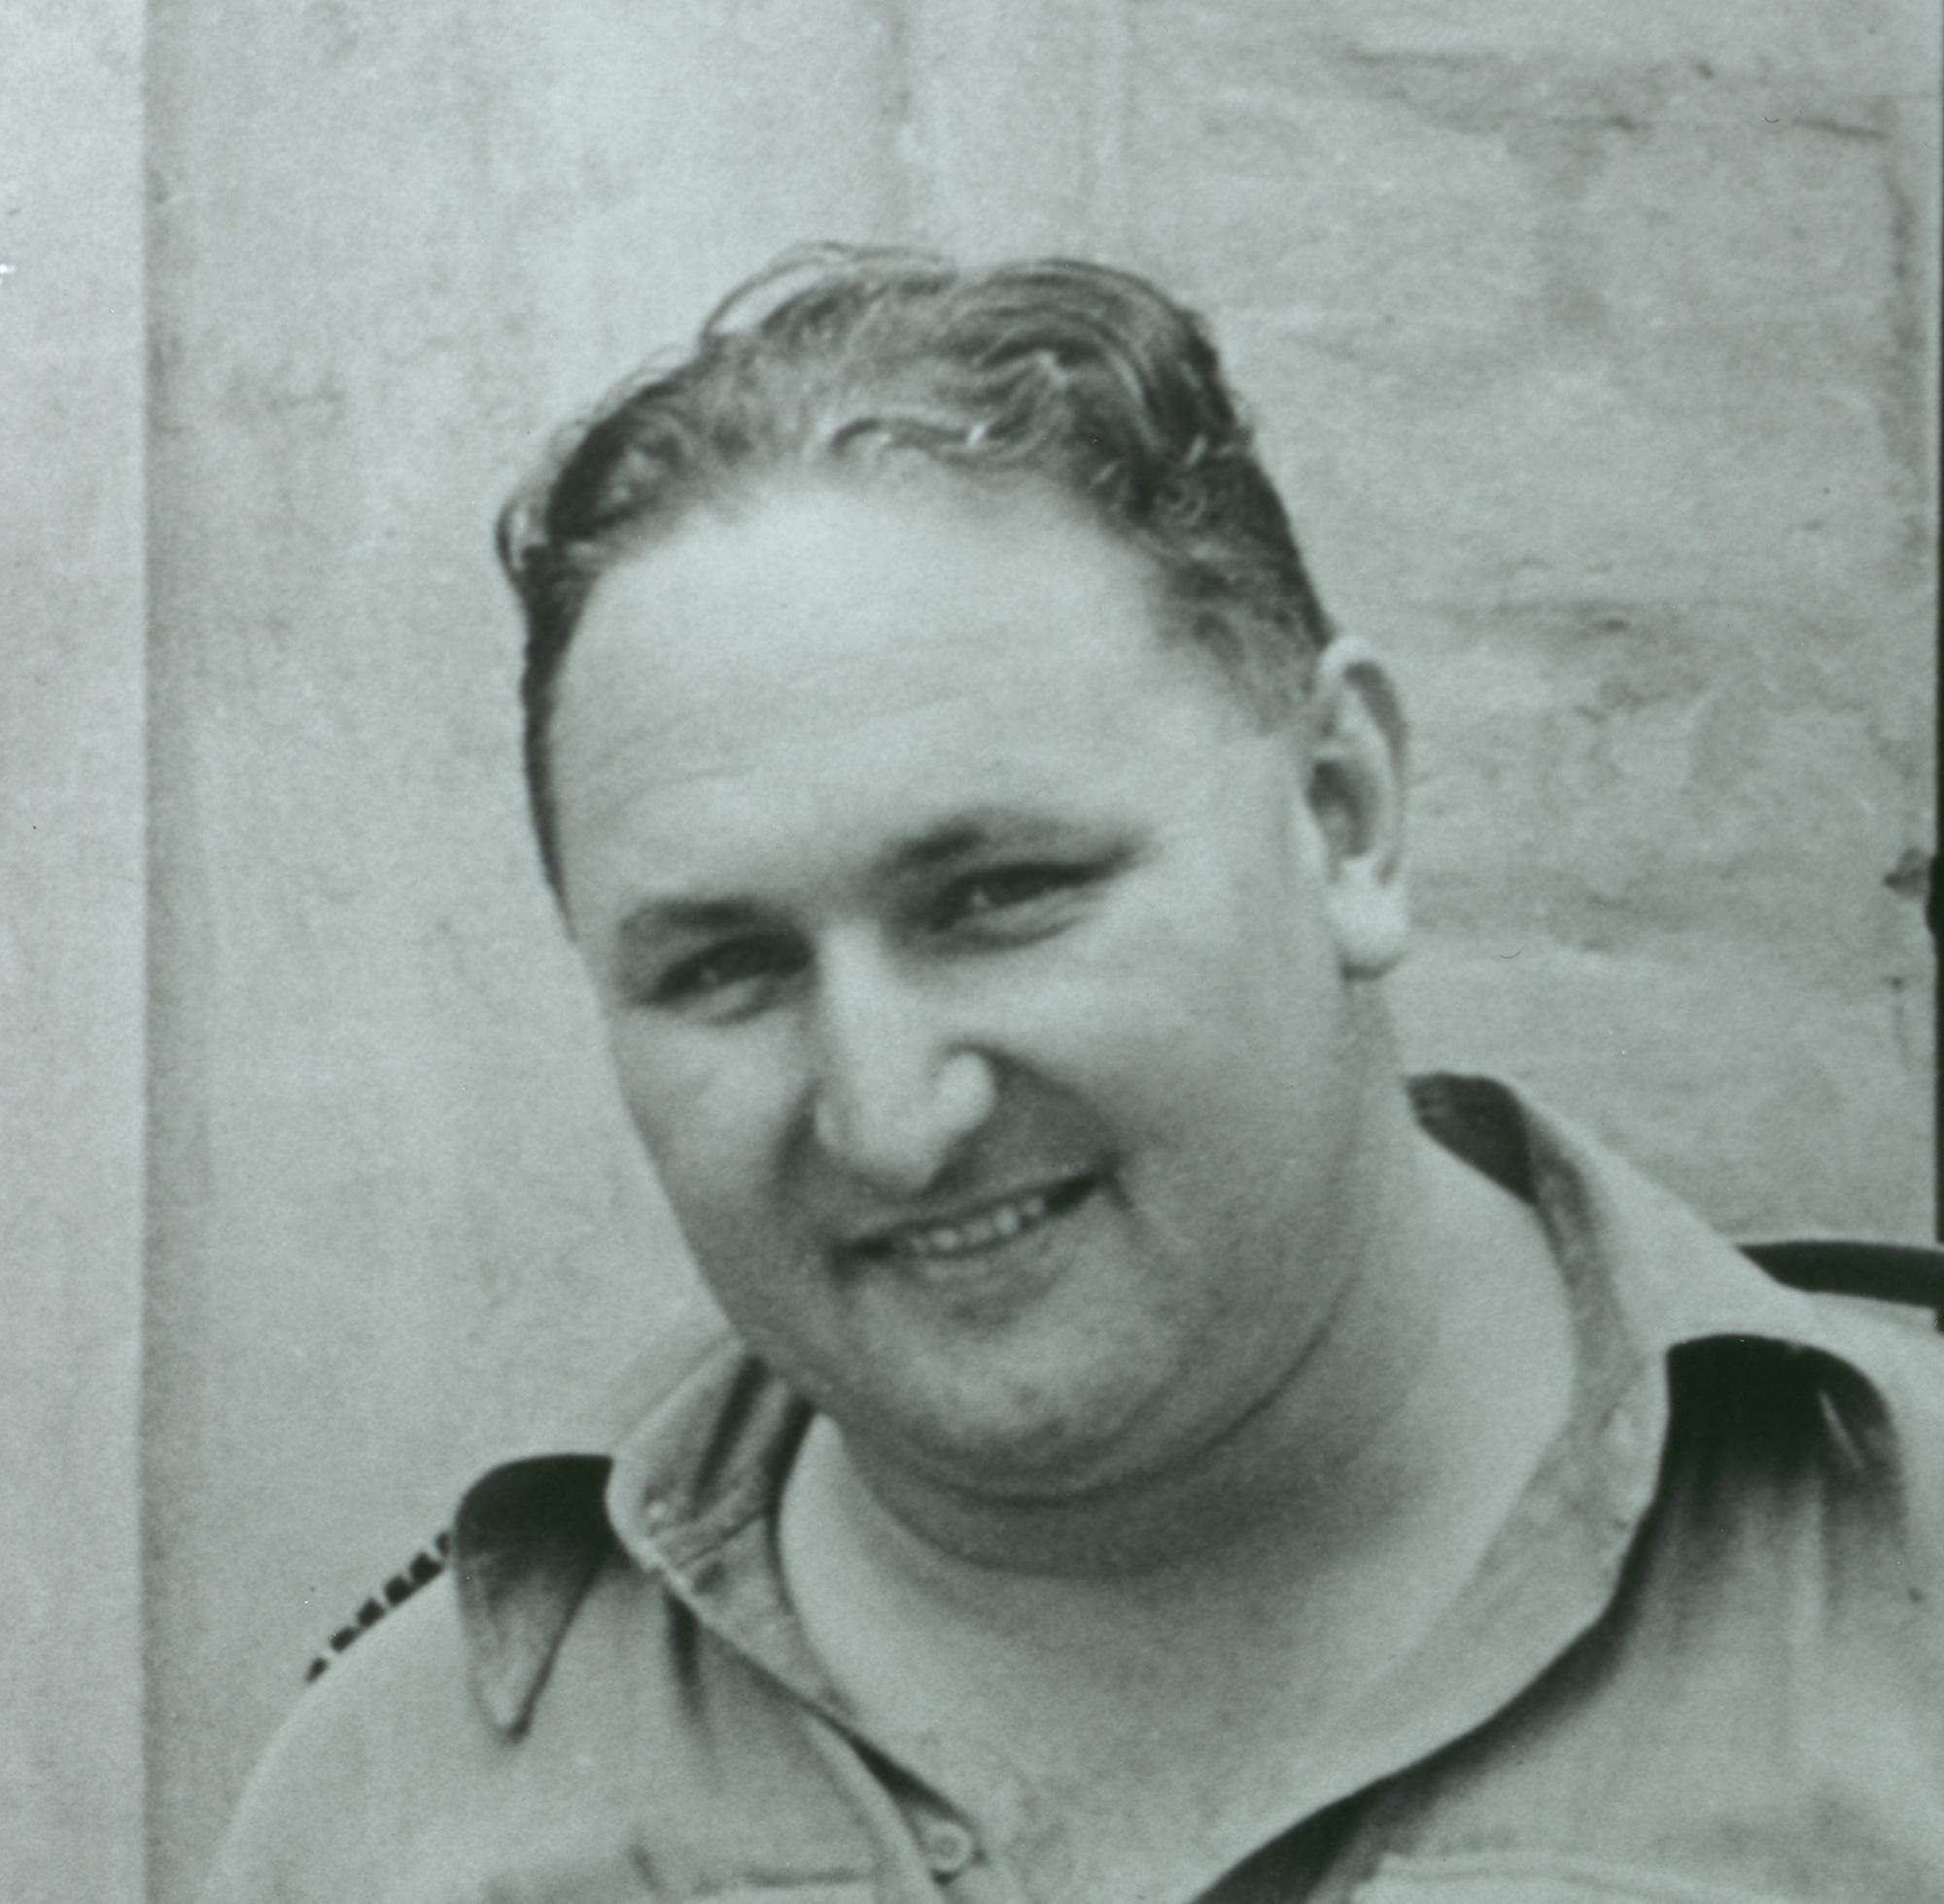 1944_11_29_pearson_alexander_cuninghame.tif.jpg